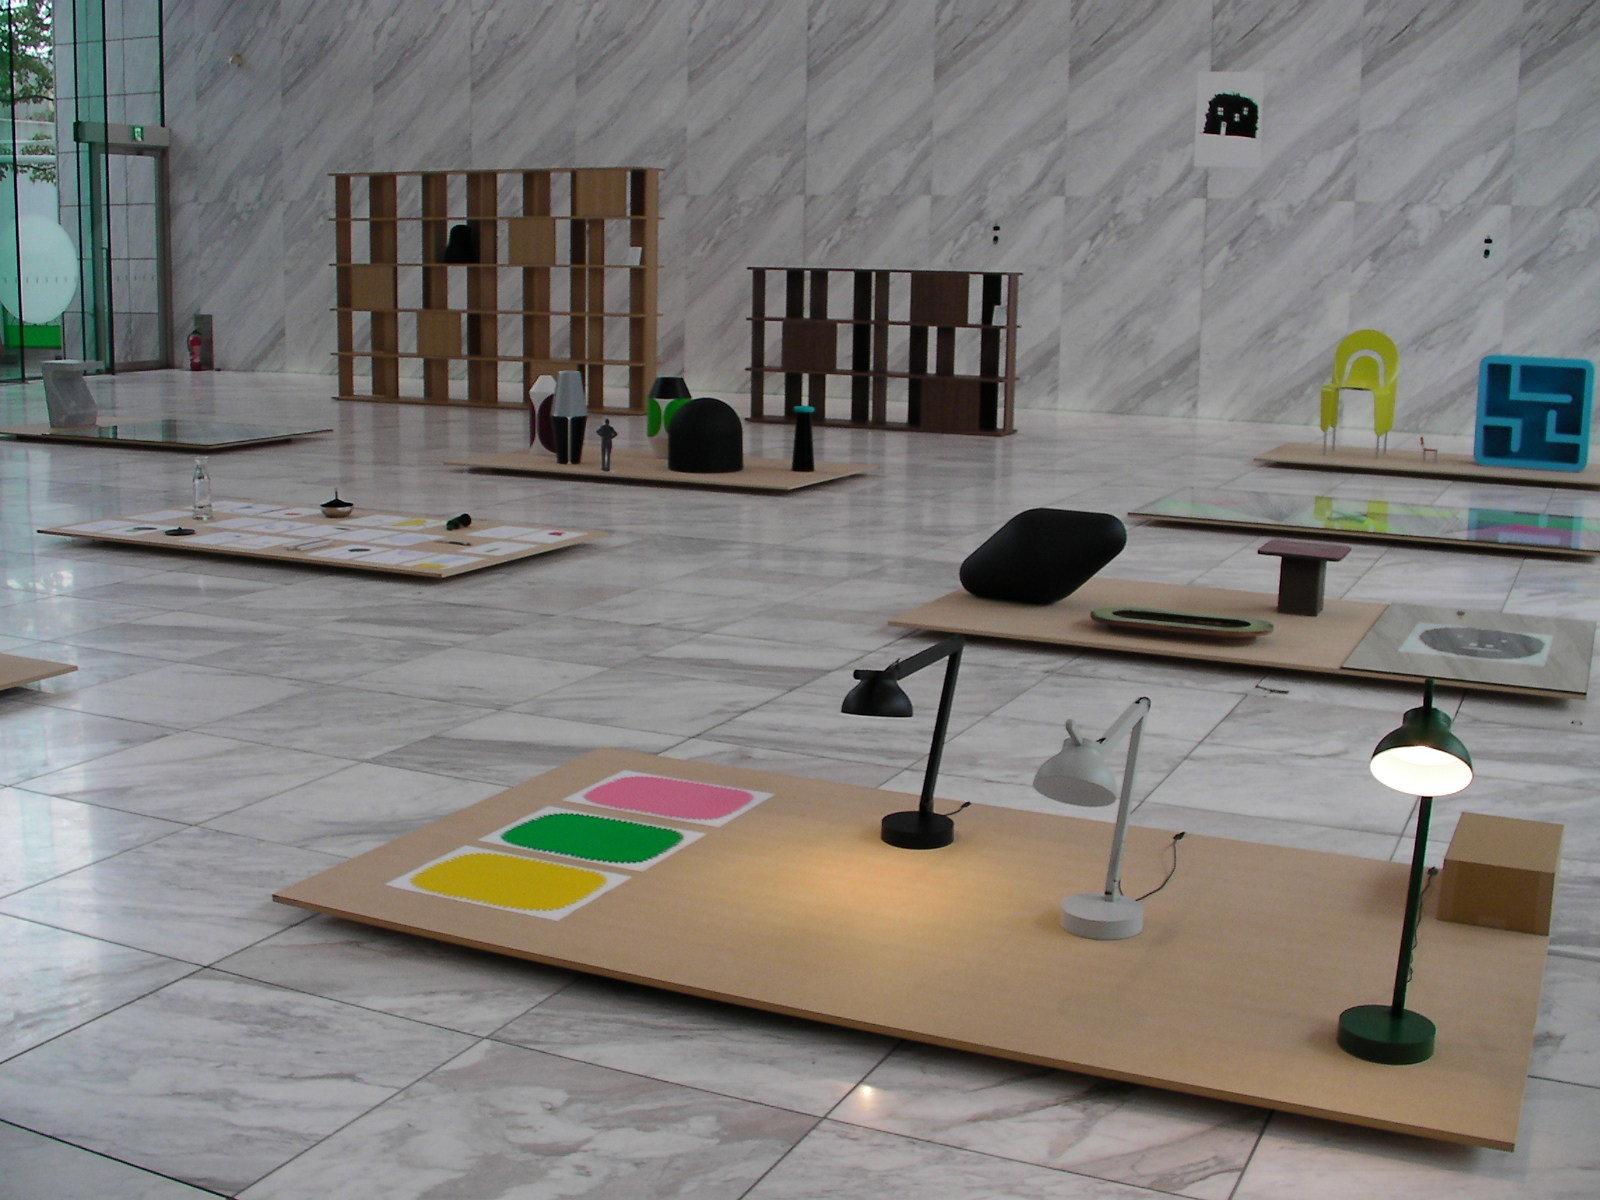 「デザイナート2017フィーチャー」に選出されたデザイナーのピエール・シャルパン個展「From the studio」。今回が東京初個展となる。 [map:30] @ワールド北青山ビル1階 エントランス